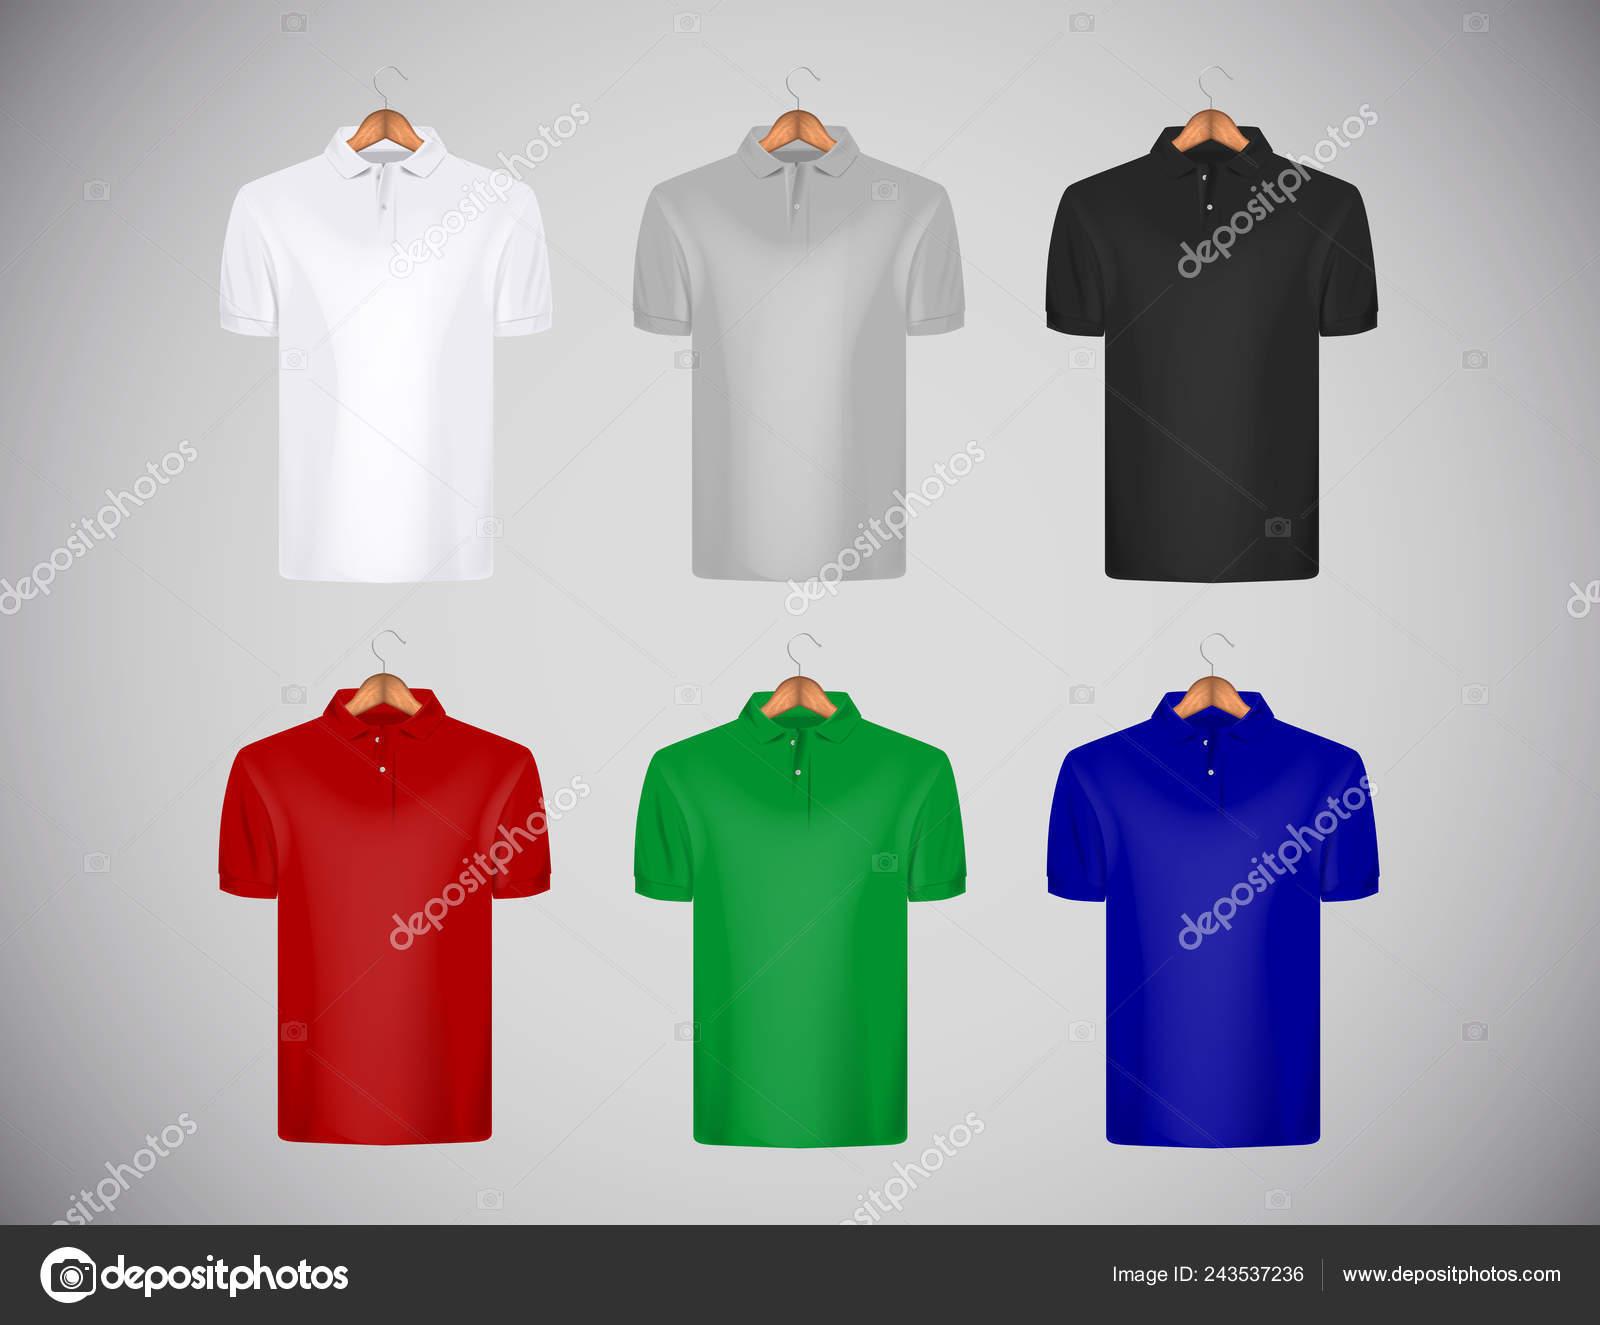 32c4f09c40 Colección de plantilla de la camisa de polo de hombre en colores de camisa  de polo de manga corta de la delgado-guarnición. Plantilla de diseño de  maqueta ...